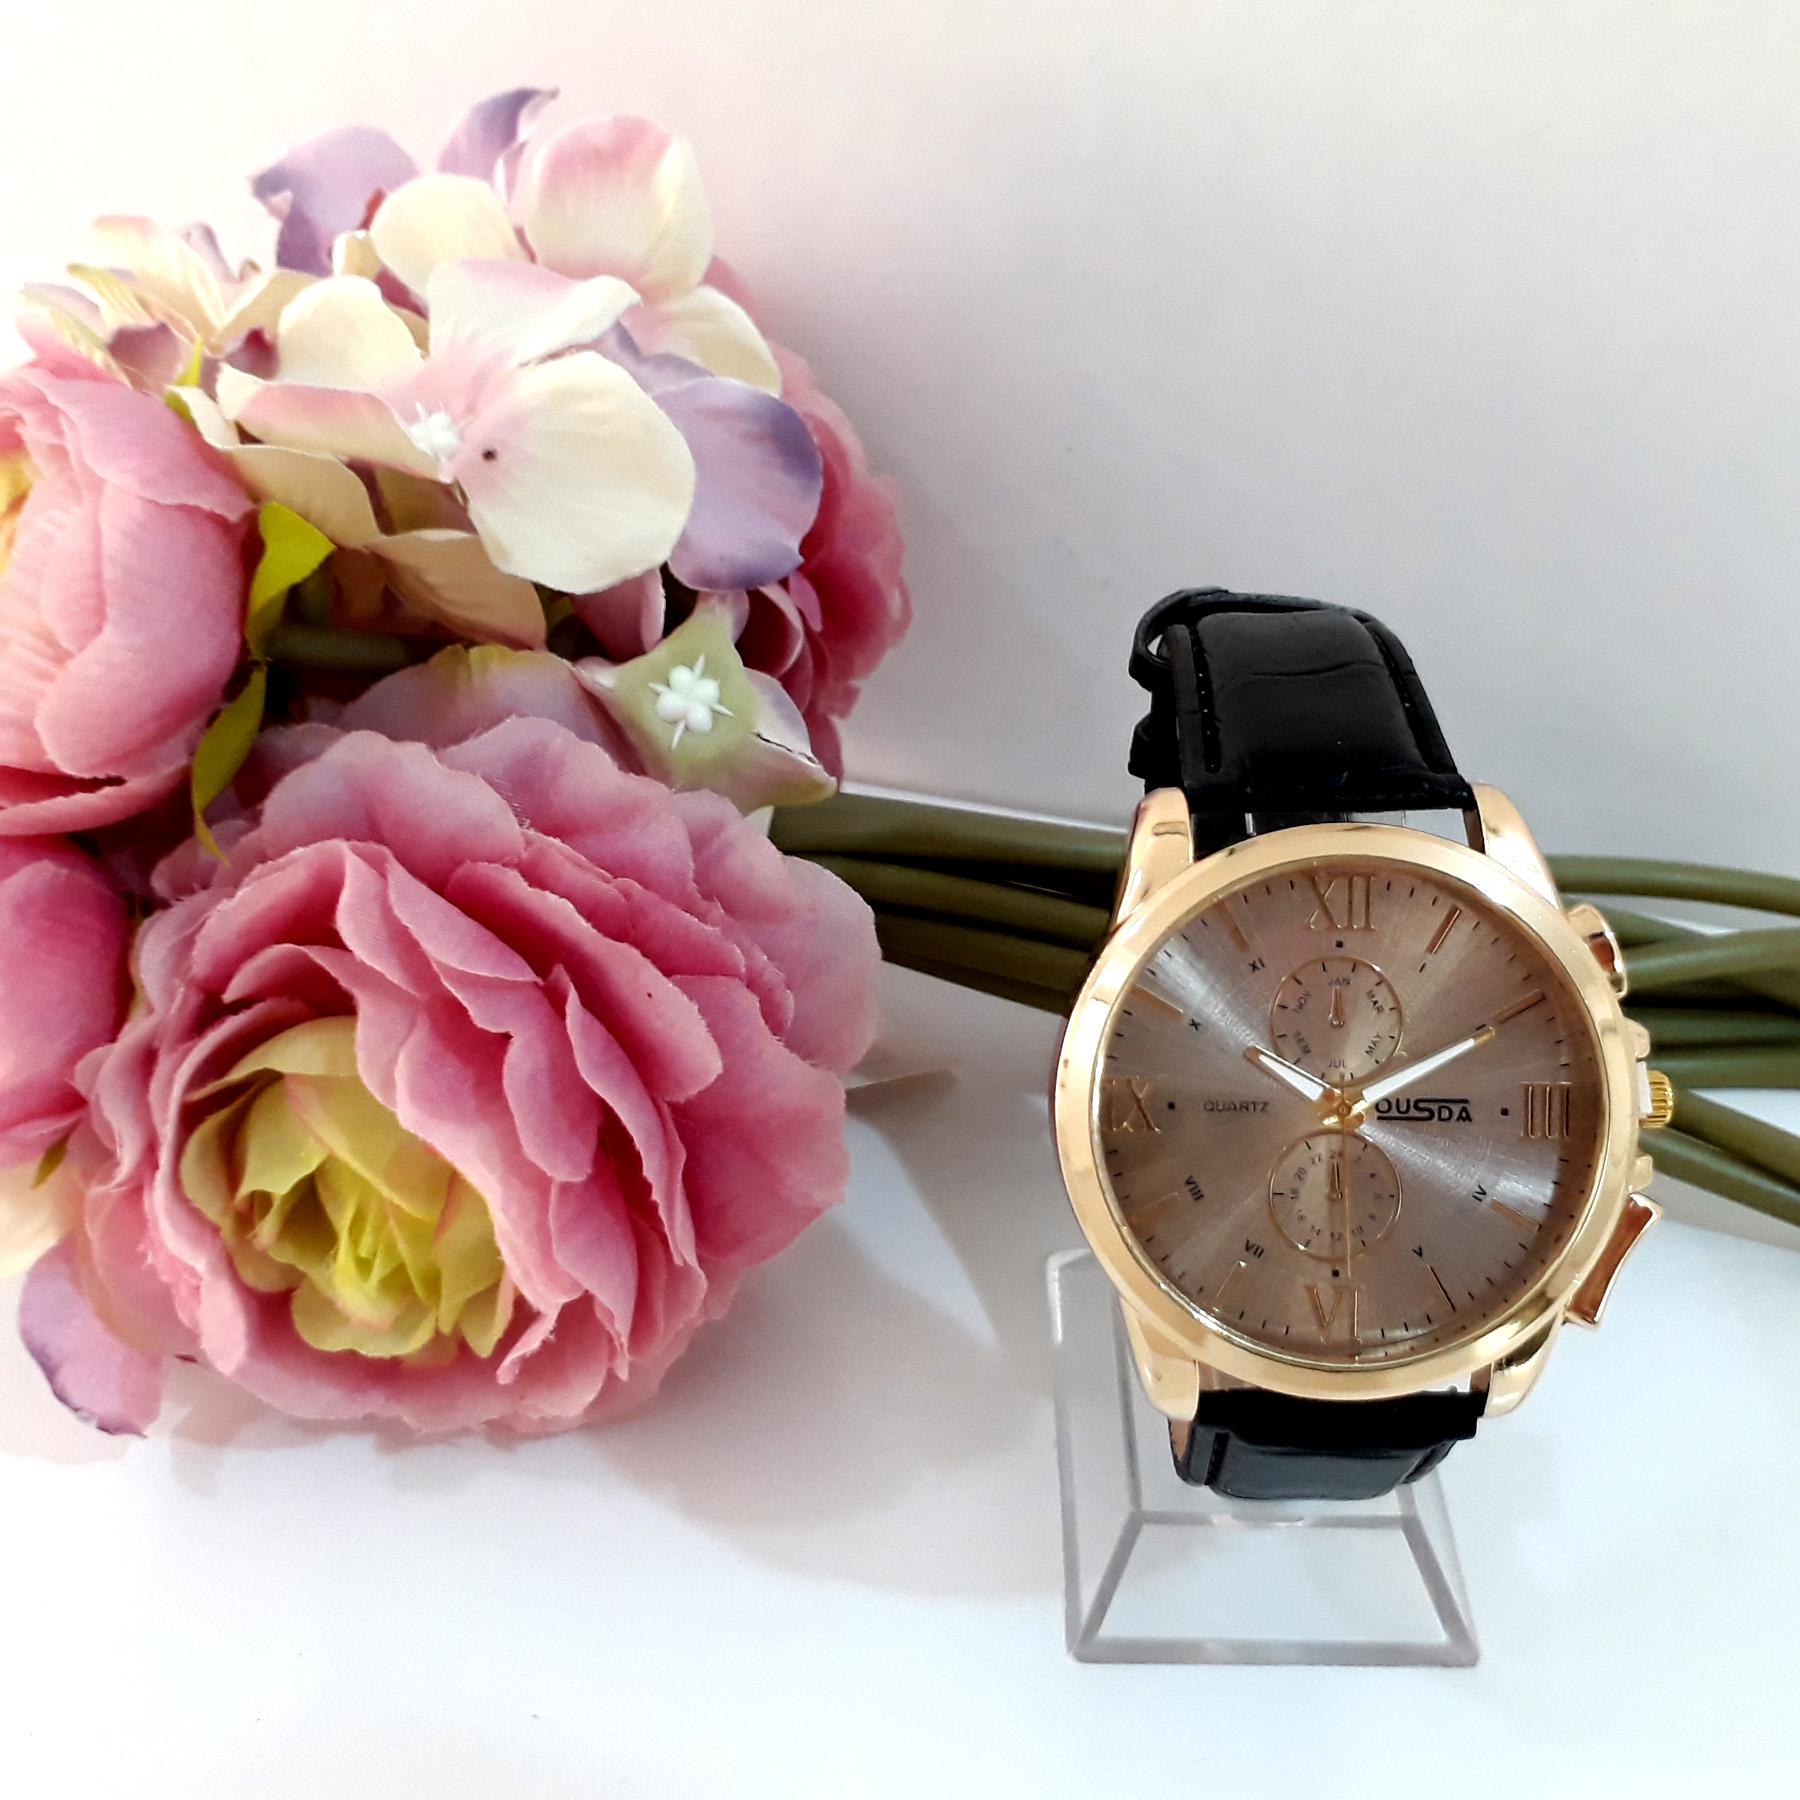 ساعت مچی عقربهای مردانه اوسدا مدل 123              خرید (⭐️⭐️⭐️)